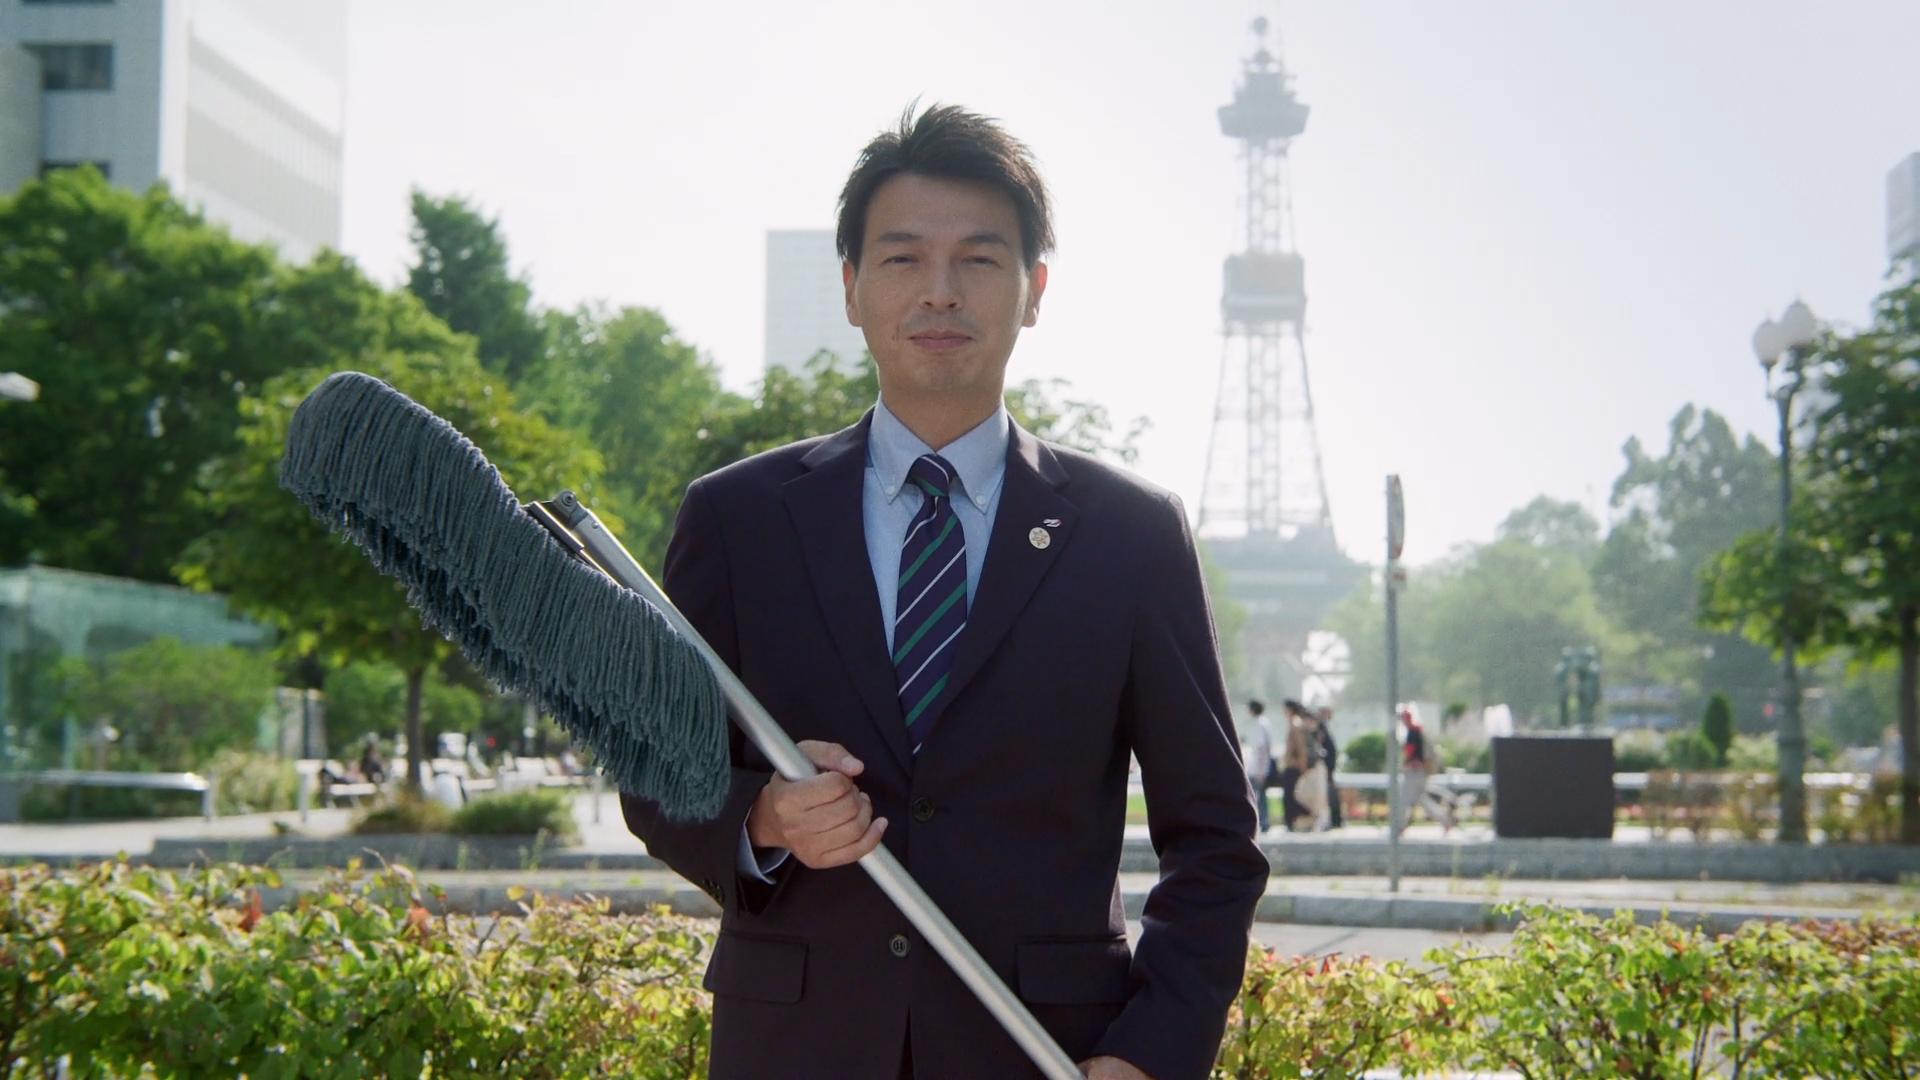 サニクリーンテレビCM 「日本をきれいにサニクリーン編2 全国版(WEB限定60秒)」